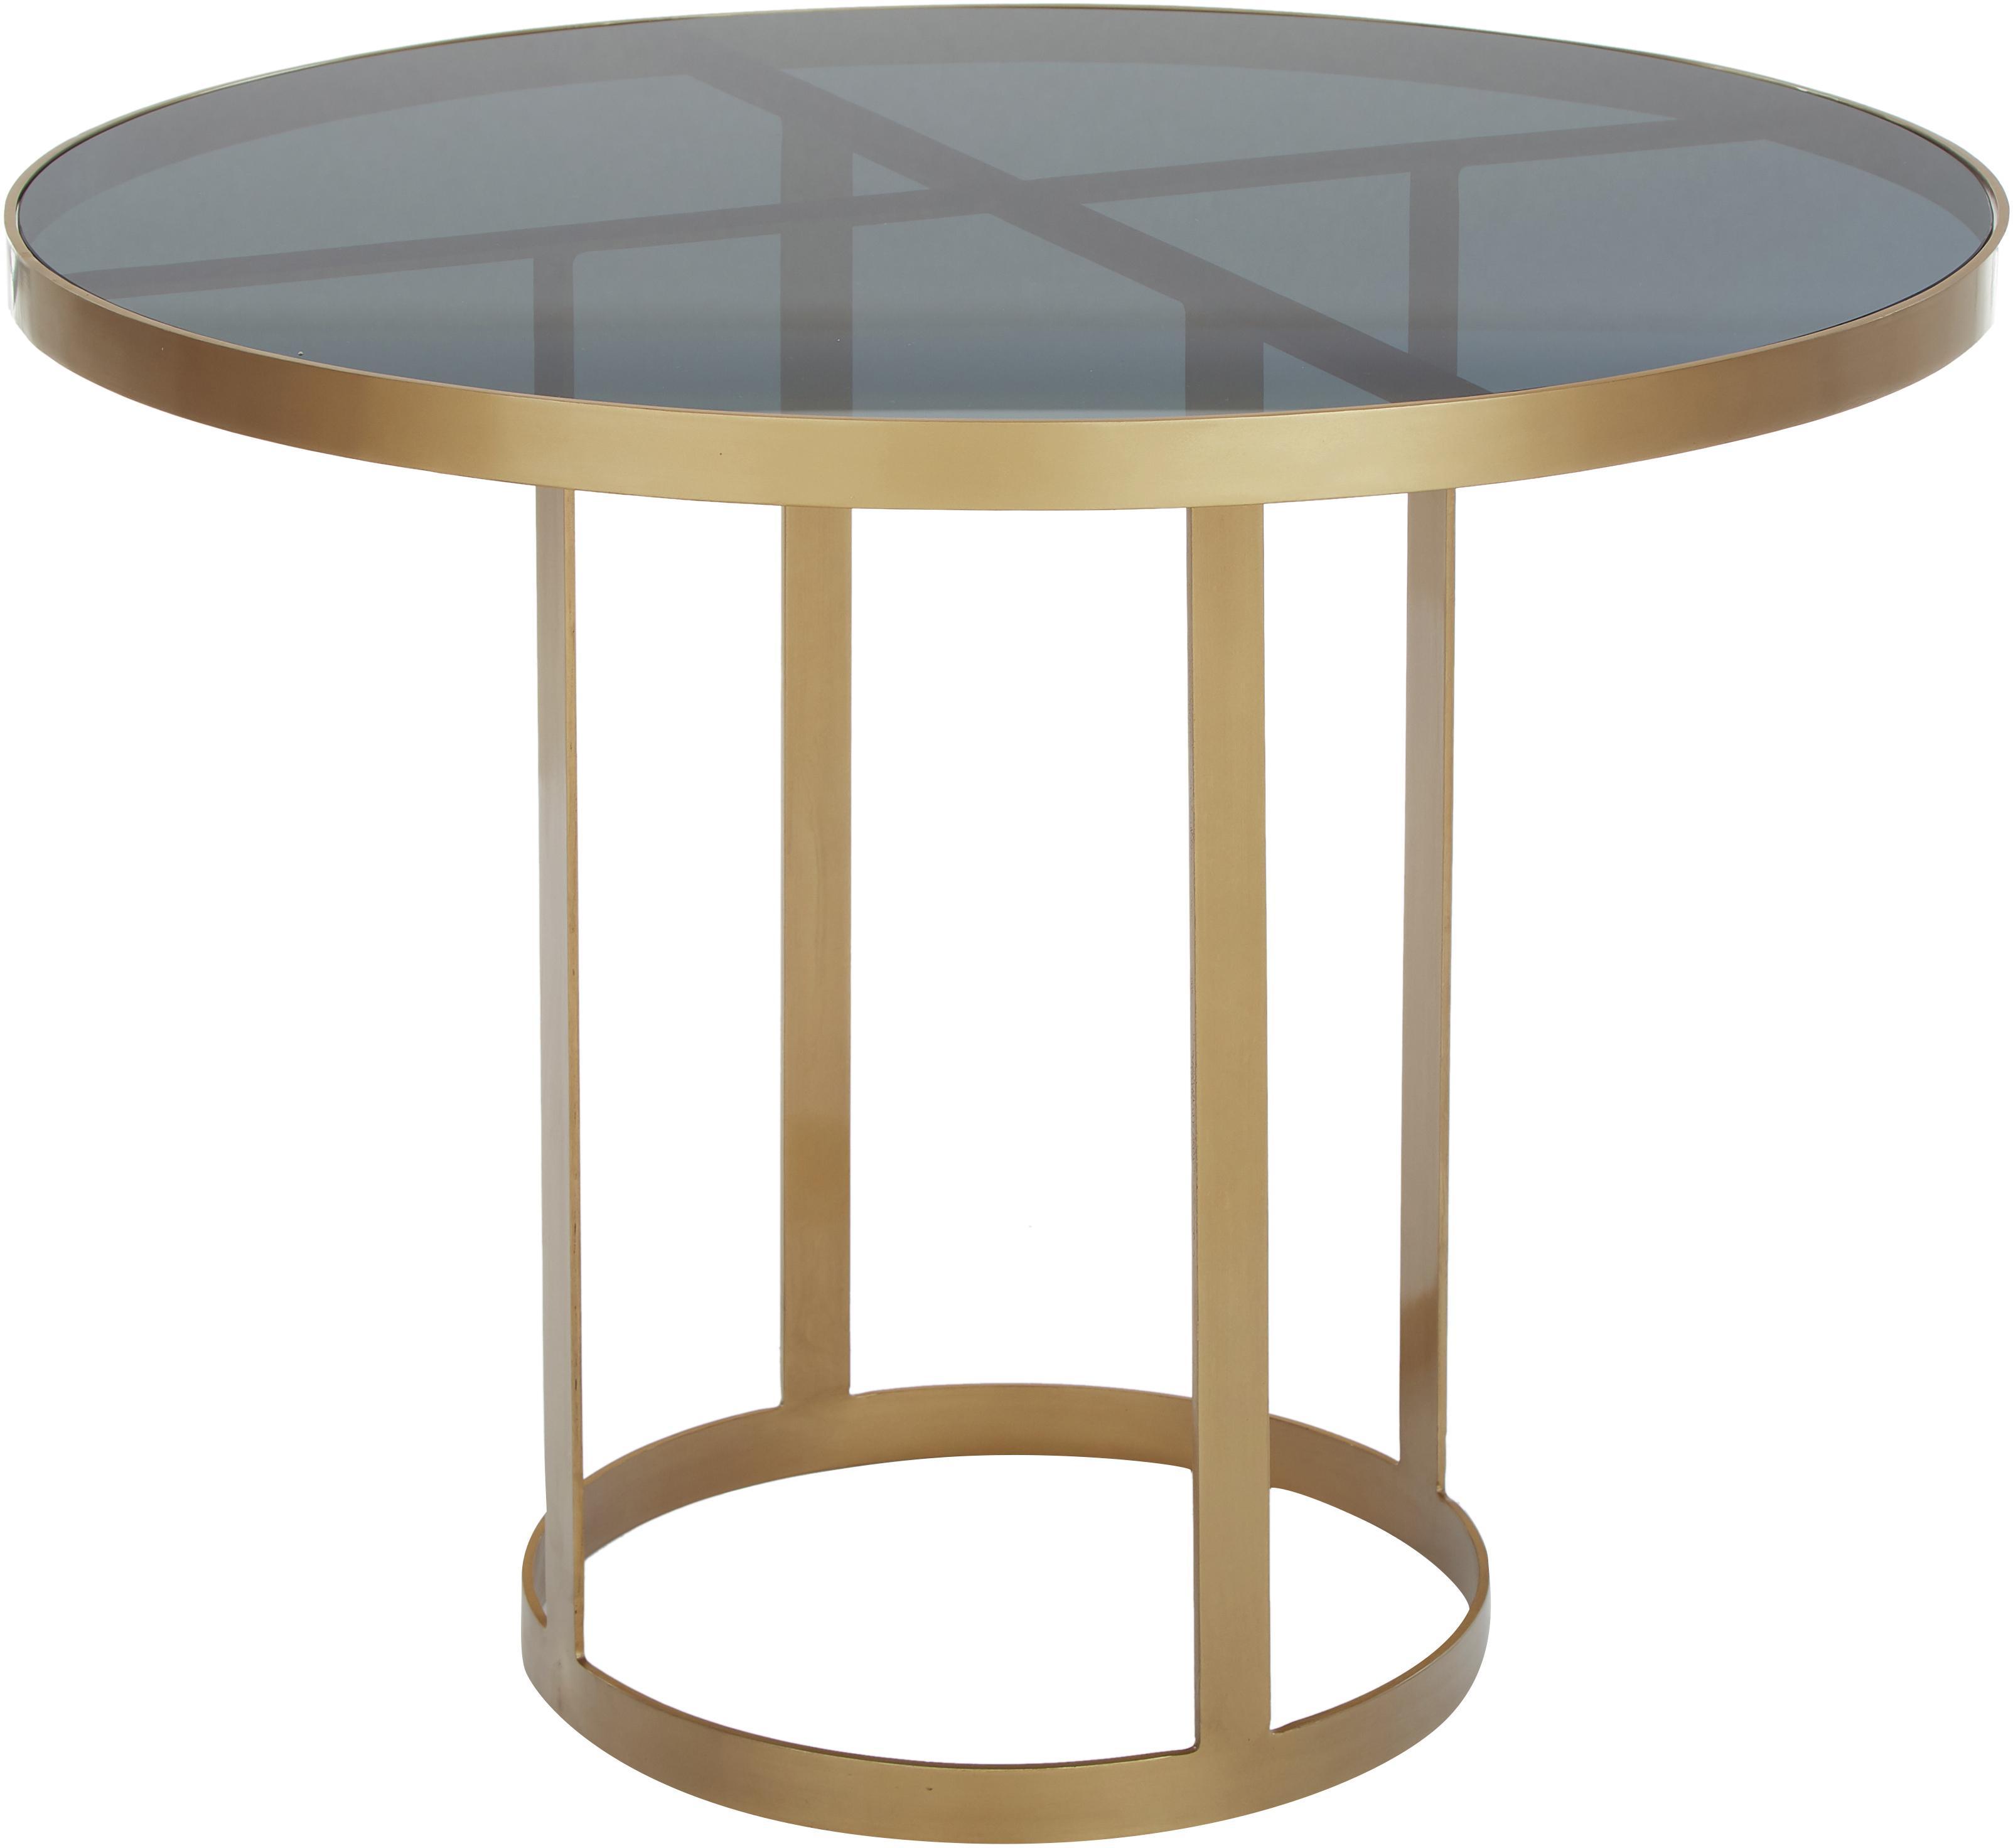 Tavolo rotondo in vetro Marika, Struttura: metallo verniciato, Piano d'appoggio: vetro colorato, Dorato, trasparente, Ø 100 x Alt. 76 cm